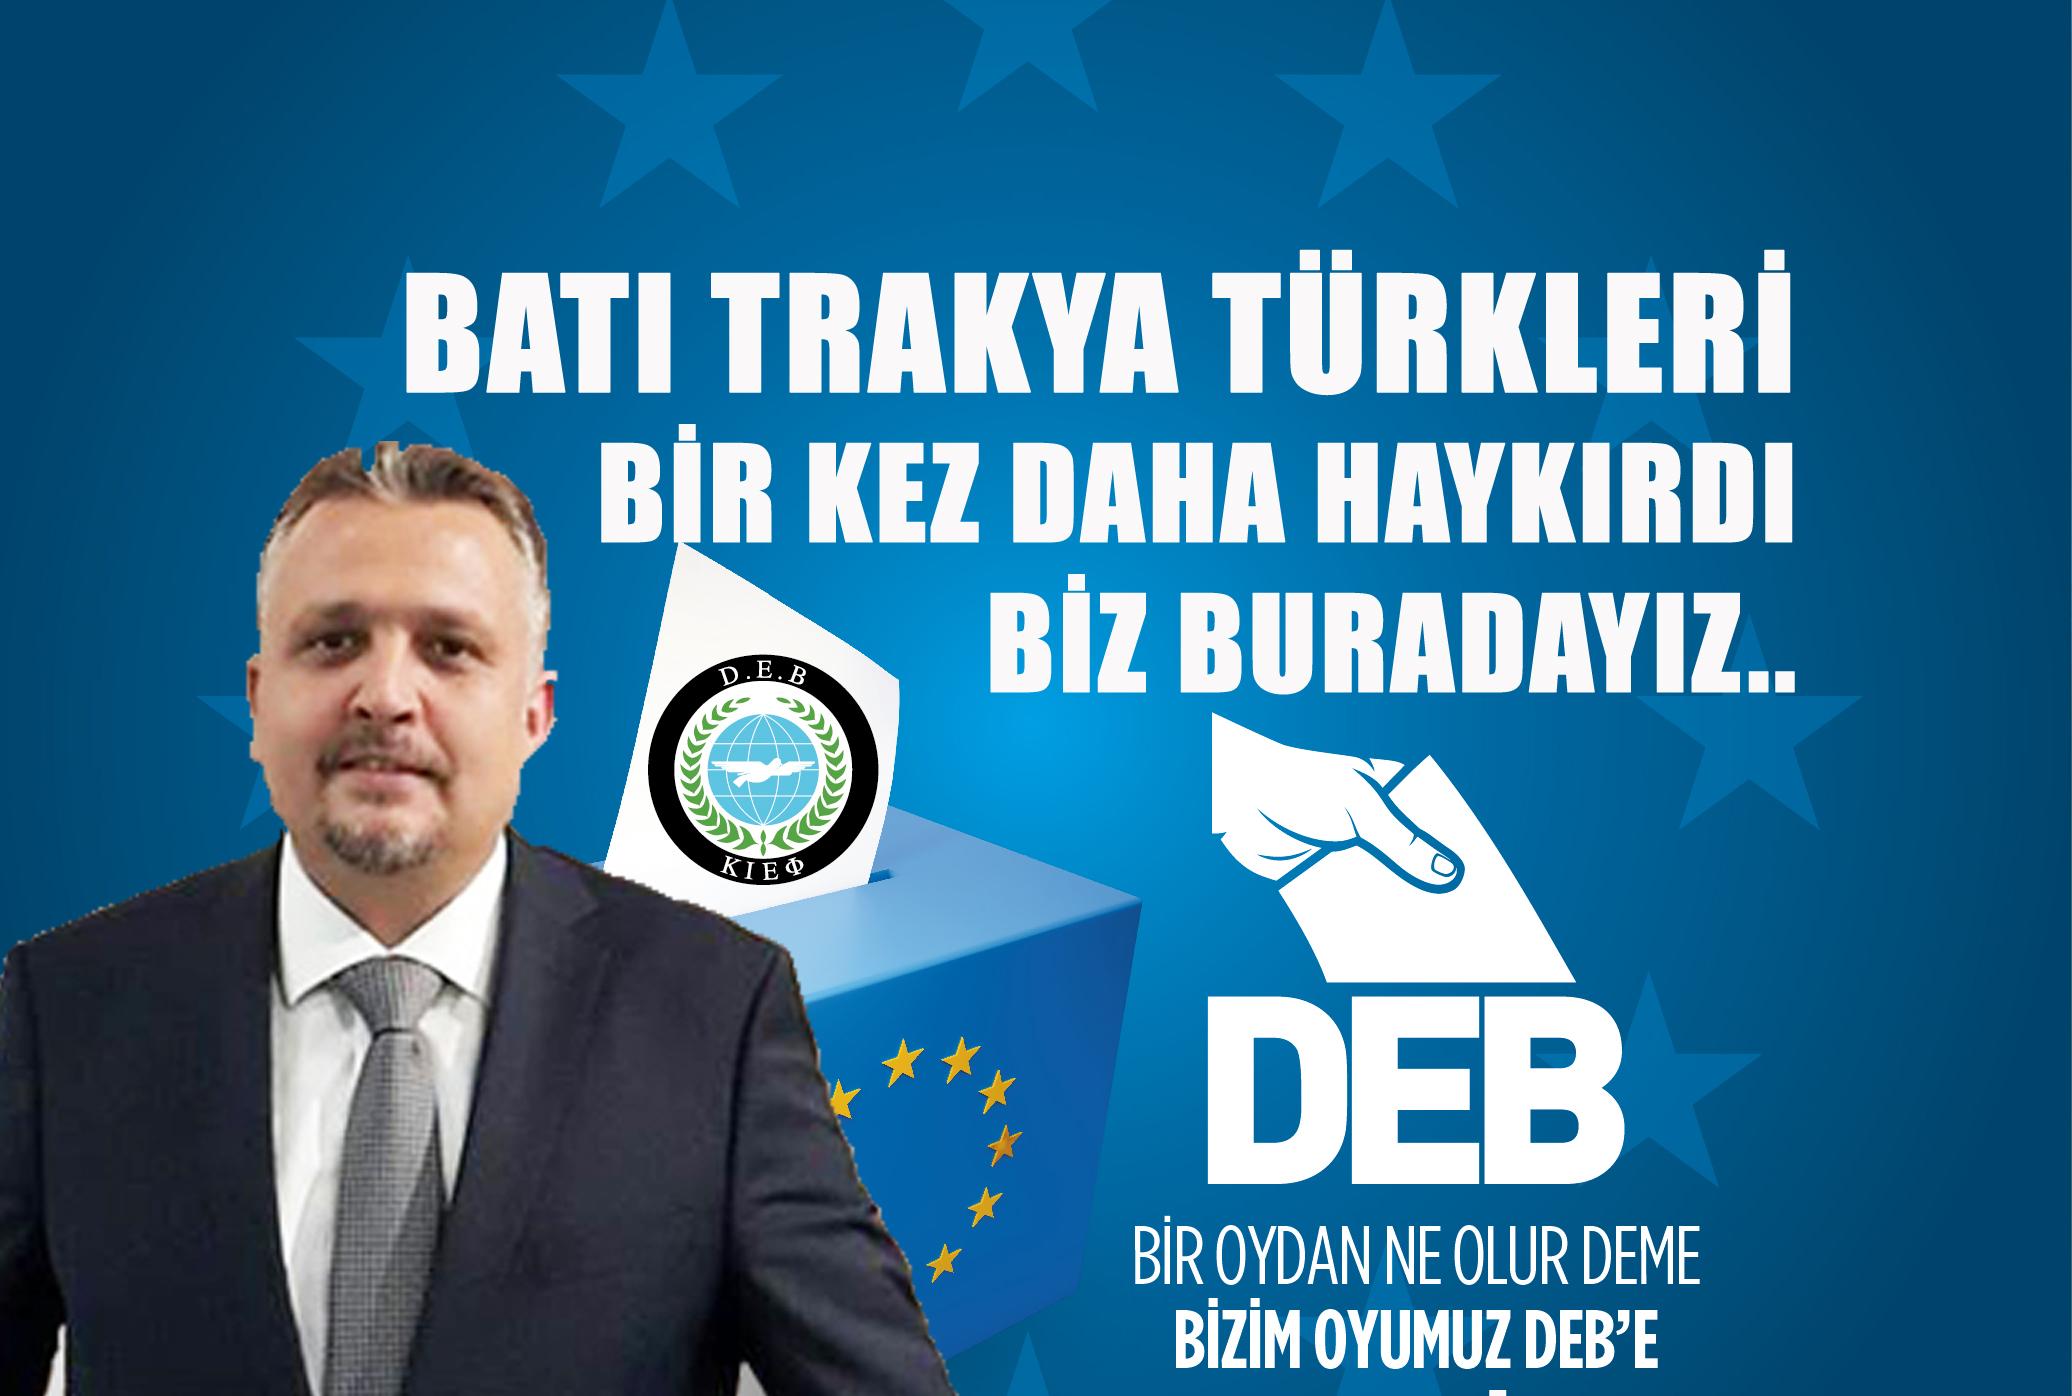 Türk Azınlık Bir Kez Daha Haykırdı